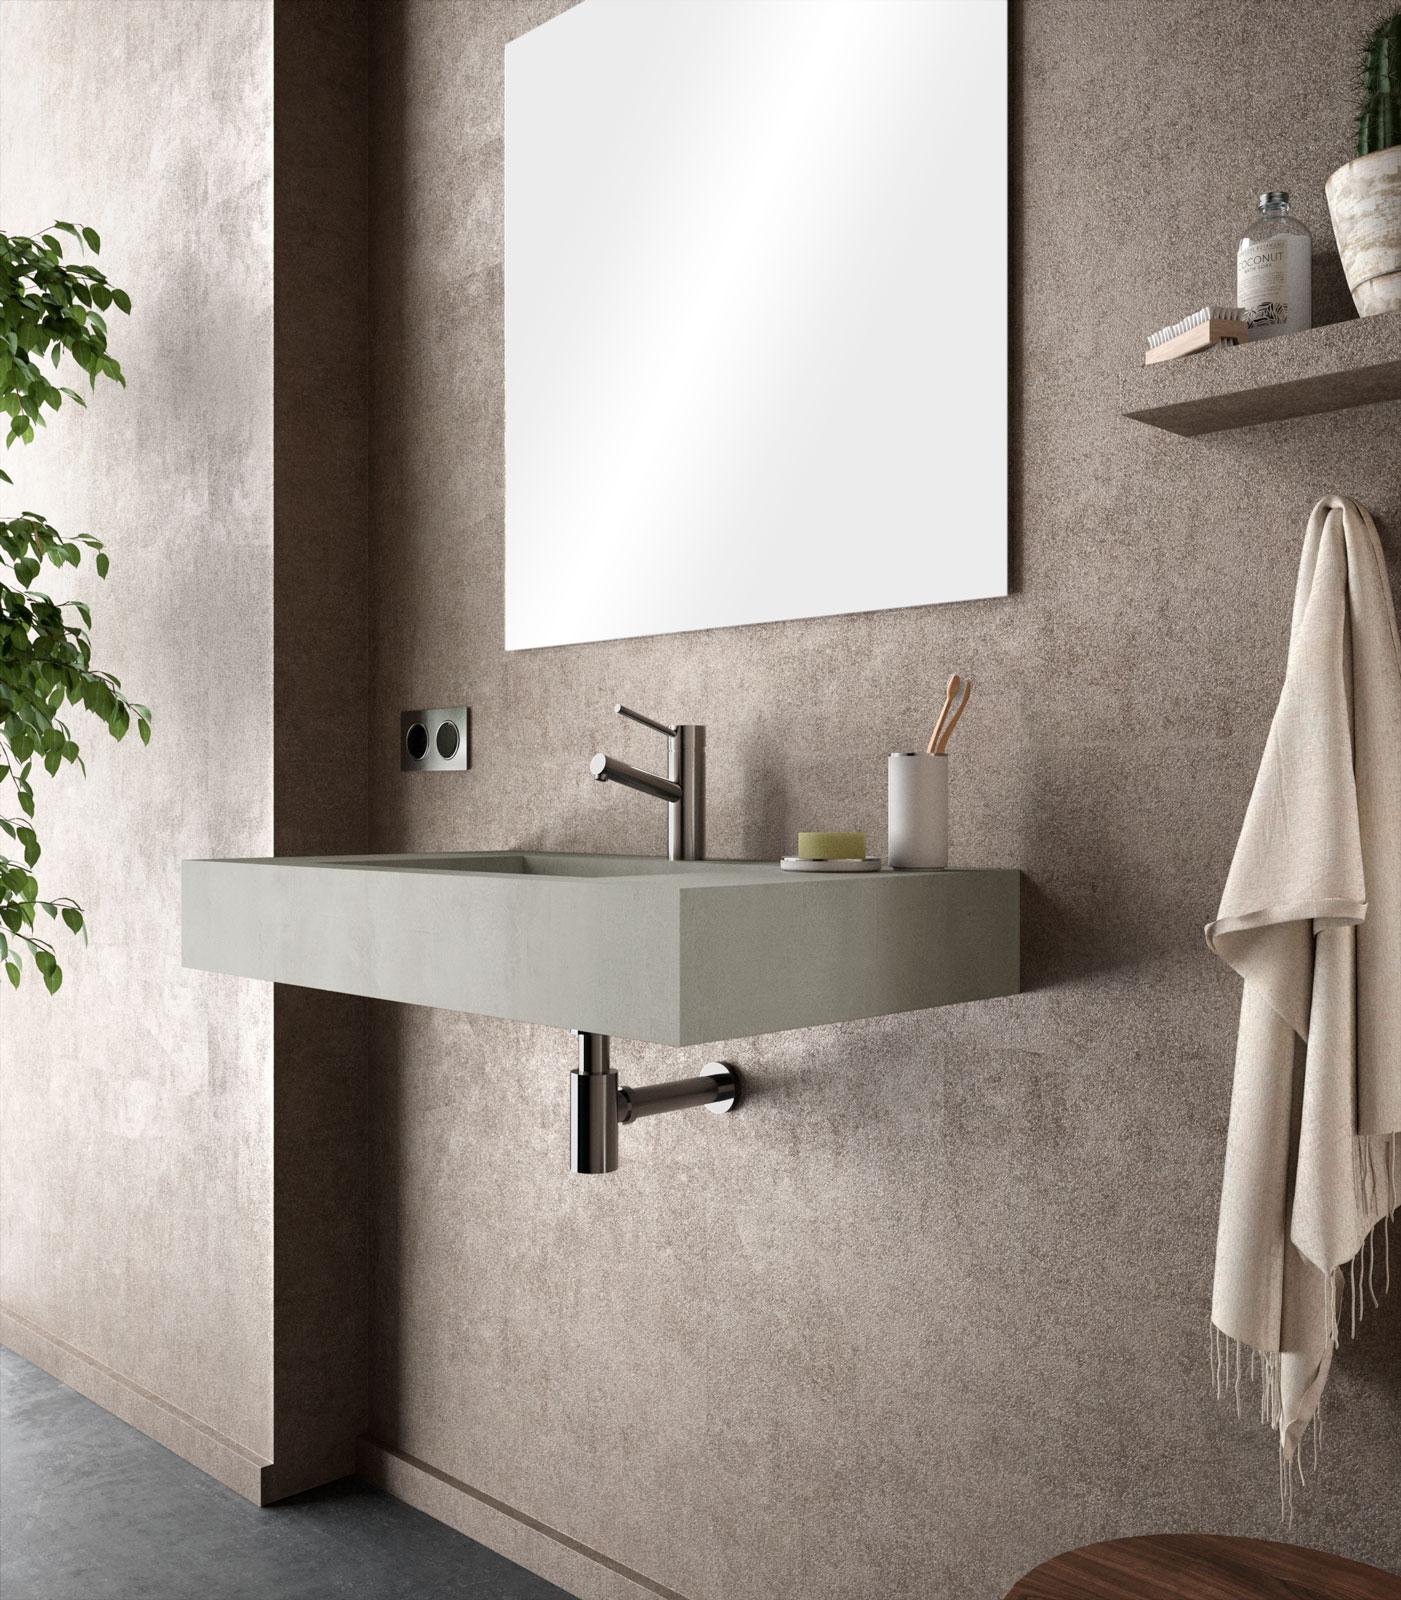 Lavabo sospeso rettangolare 80x46 cm grigio cemento alfa ...